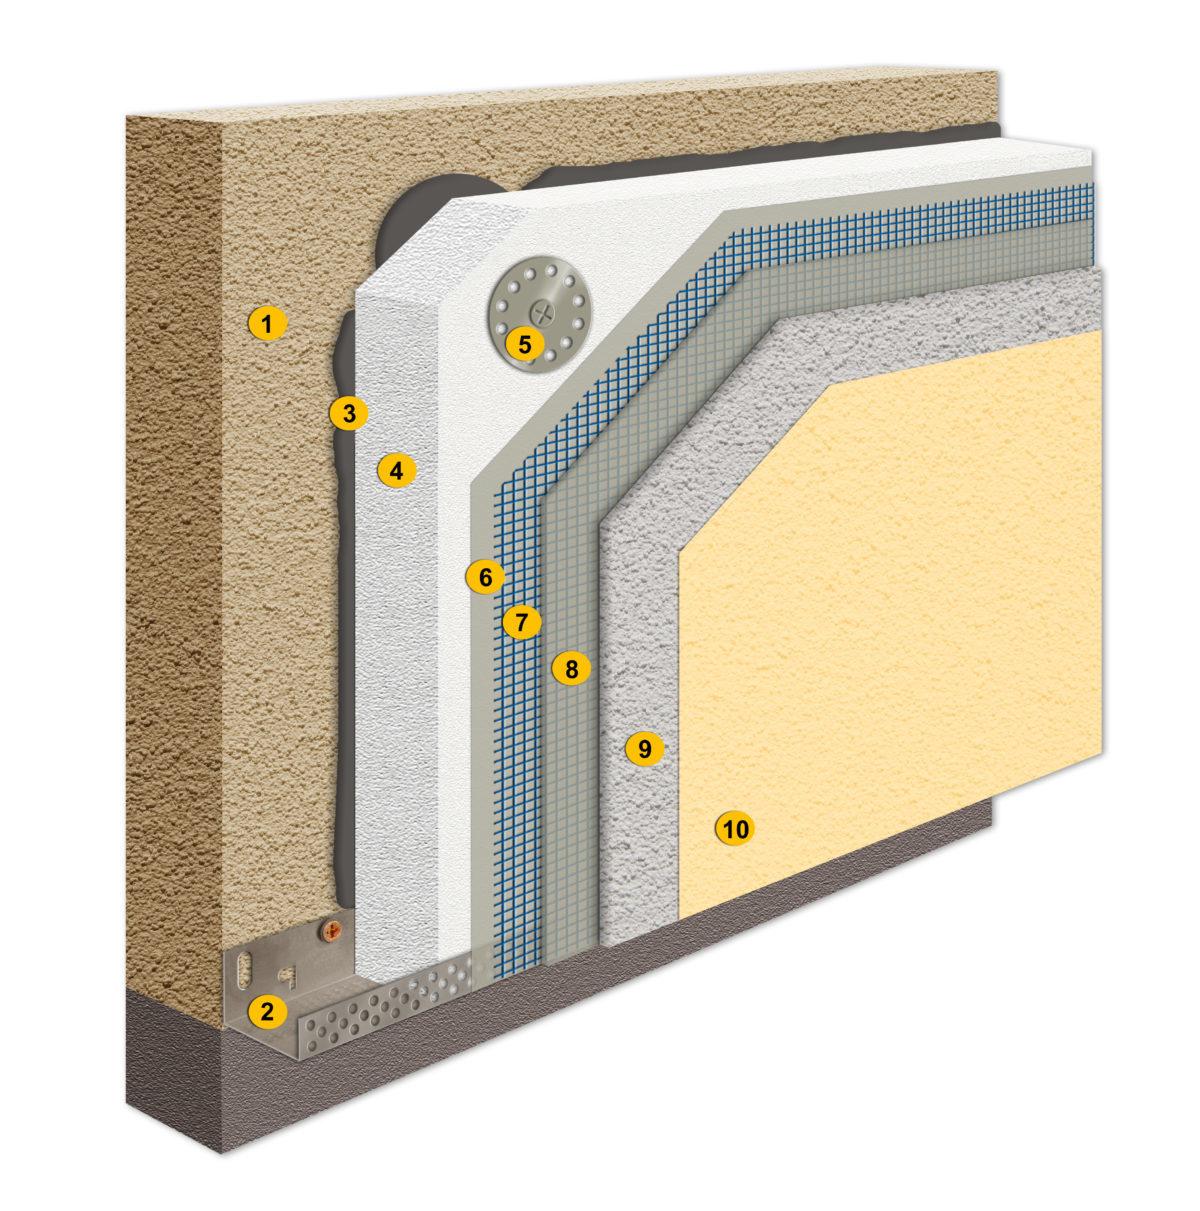 przekroj-drysulation-system-na-system-biale-tlo